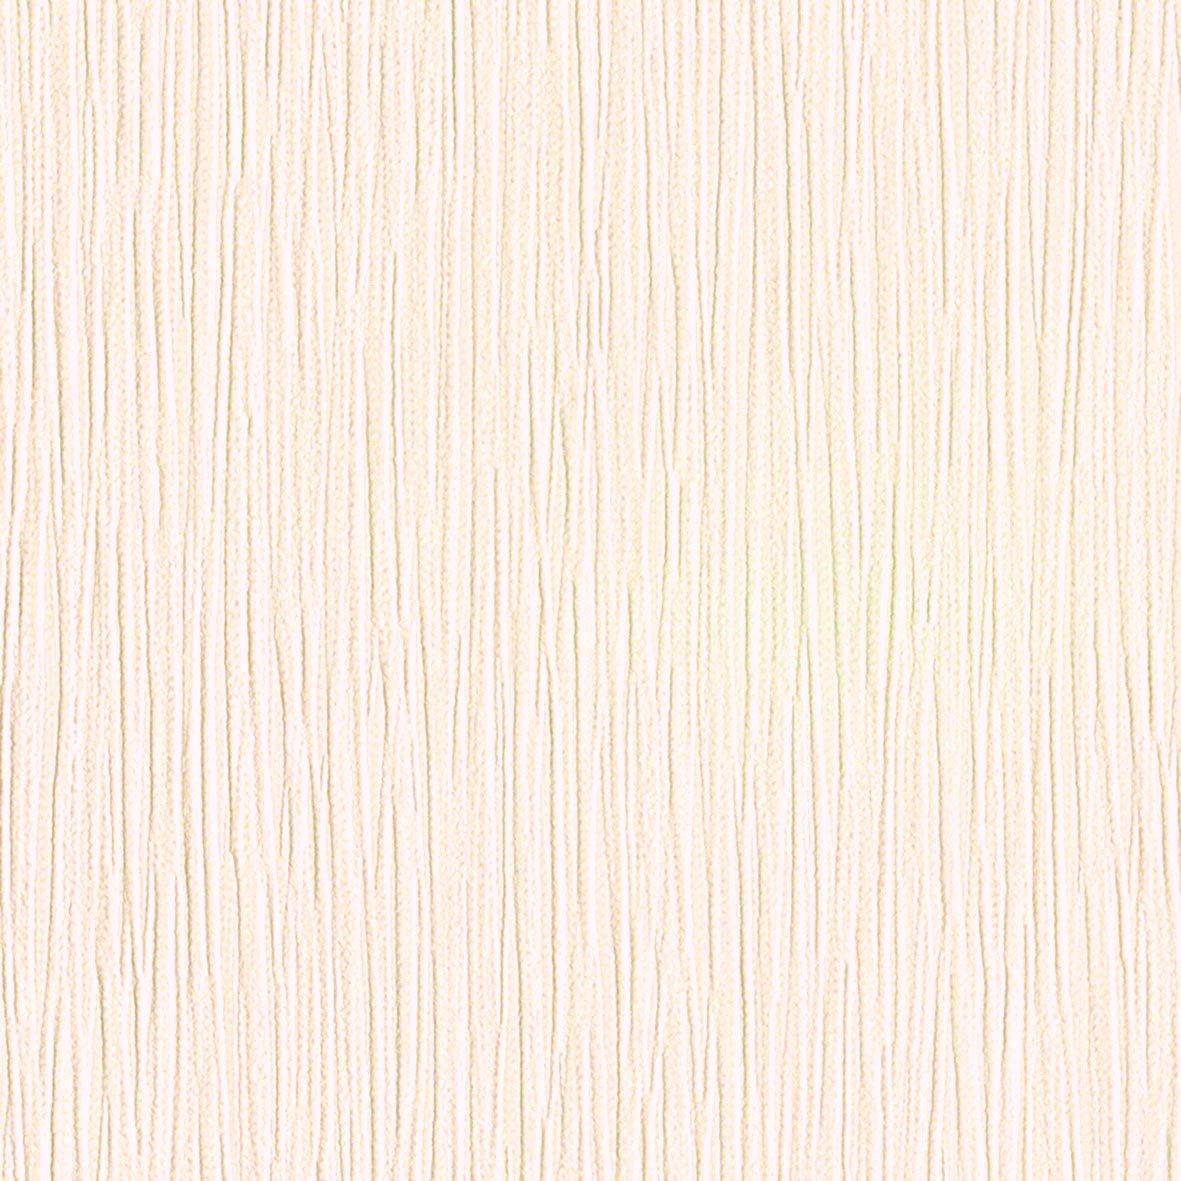 リリカラ 壁紙45m シンフル ストライプ ホワイト LL-8611 B01N02KJUX 45m|ホワイト1